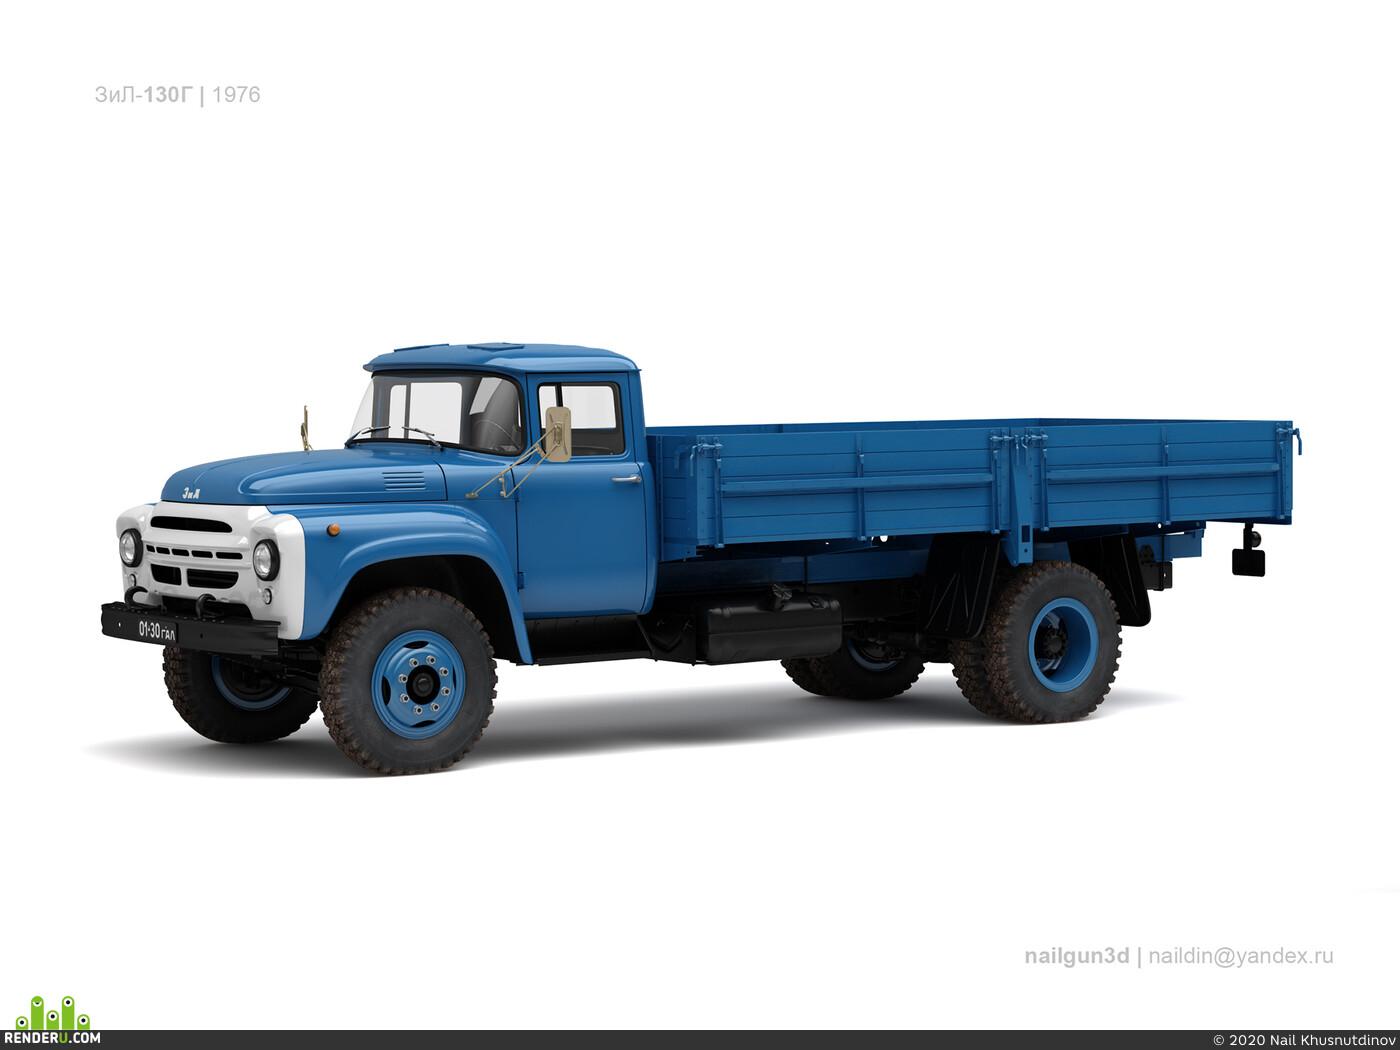 nailgun3d, russian, truck, cargo, ussr, zil